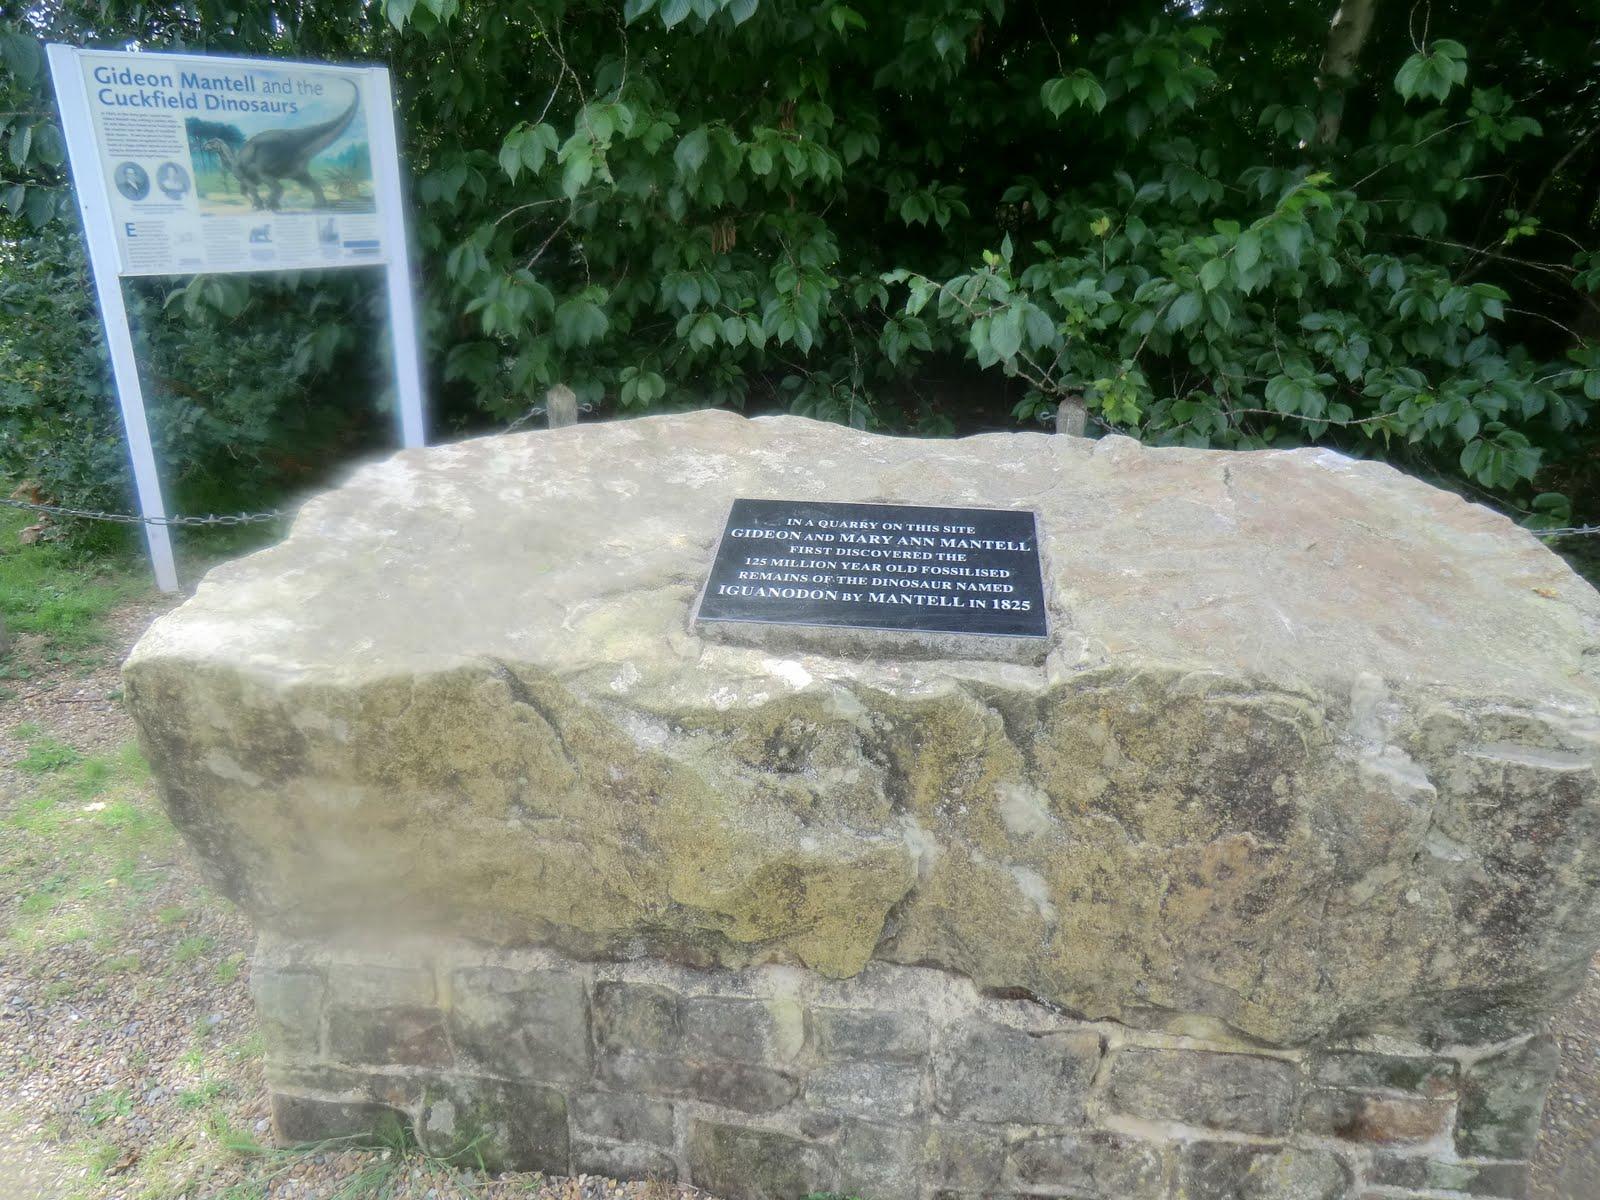 CIMG3568 Dinosaur memorial stone, Whiteman's Green